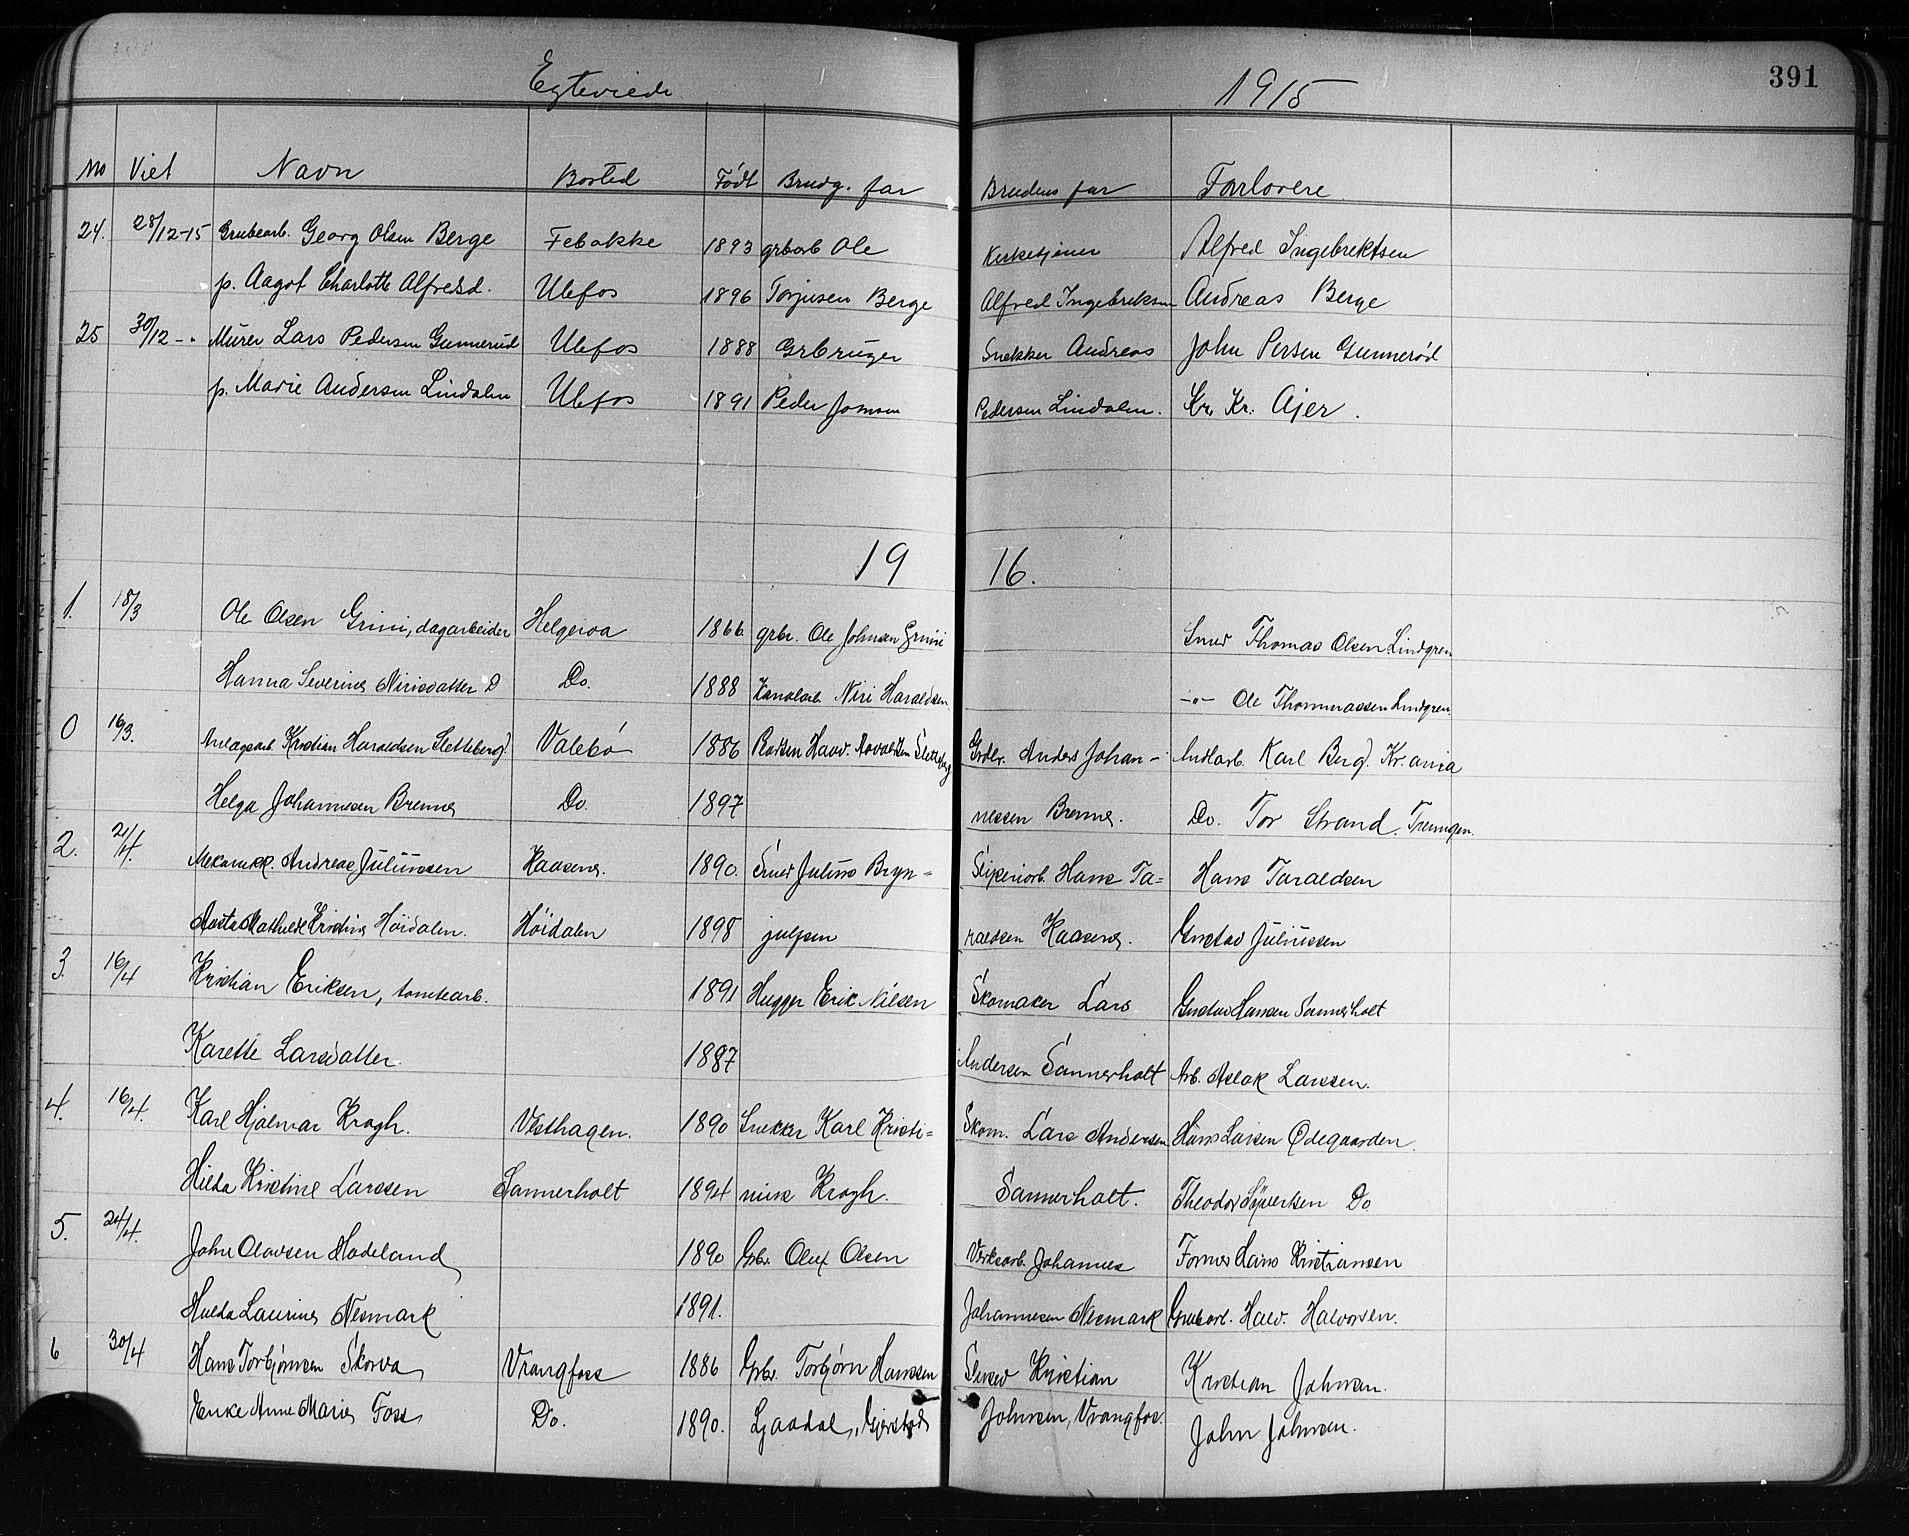 SAKO, Holla kirkebøker, G/Ga/L0005: Klokkerbok nr. I 5, 1891-1917, s. 391